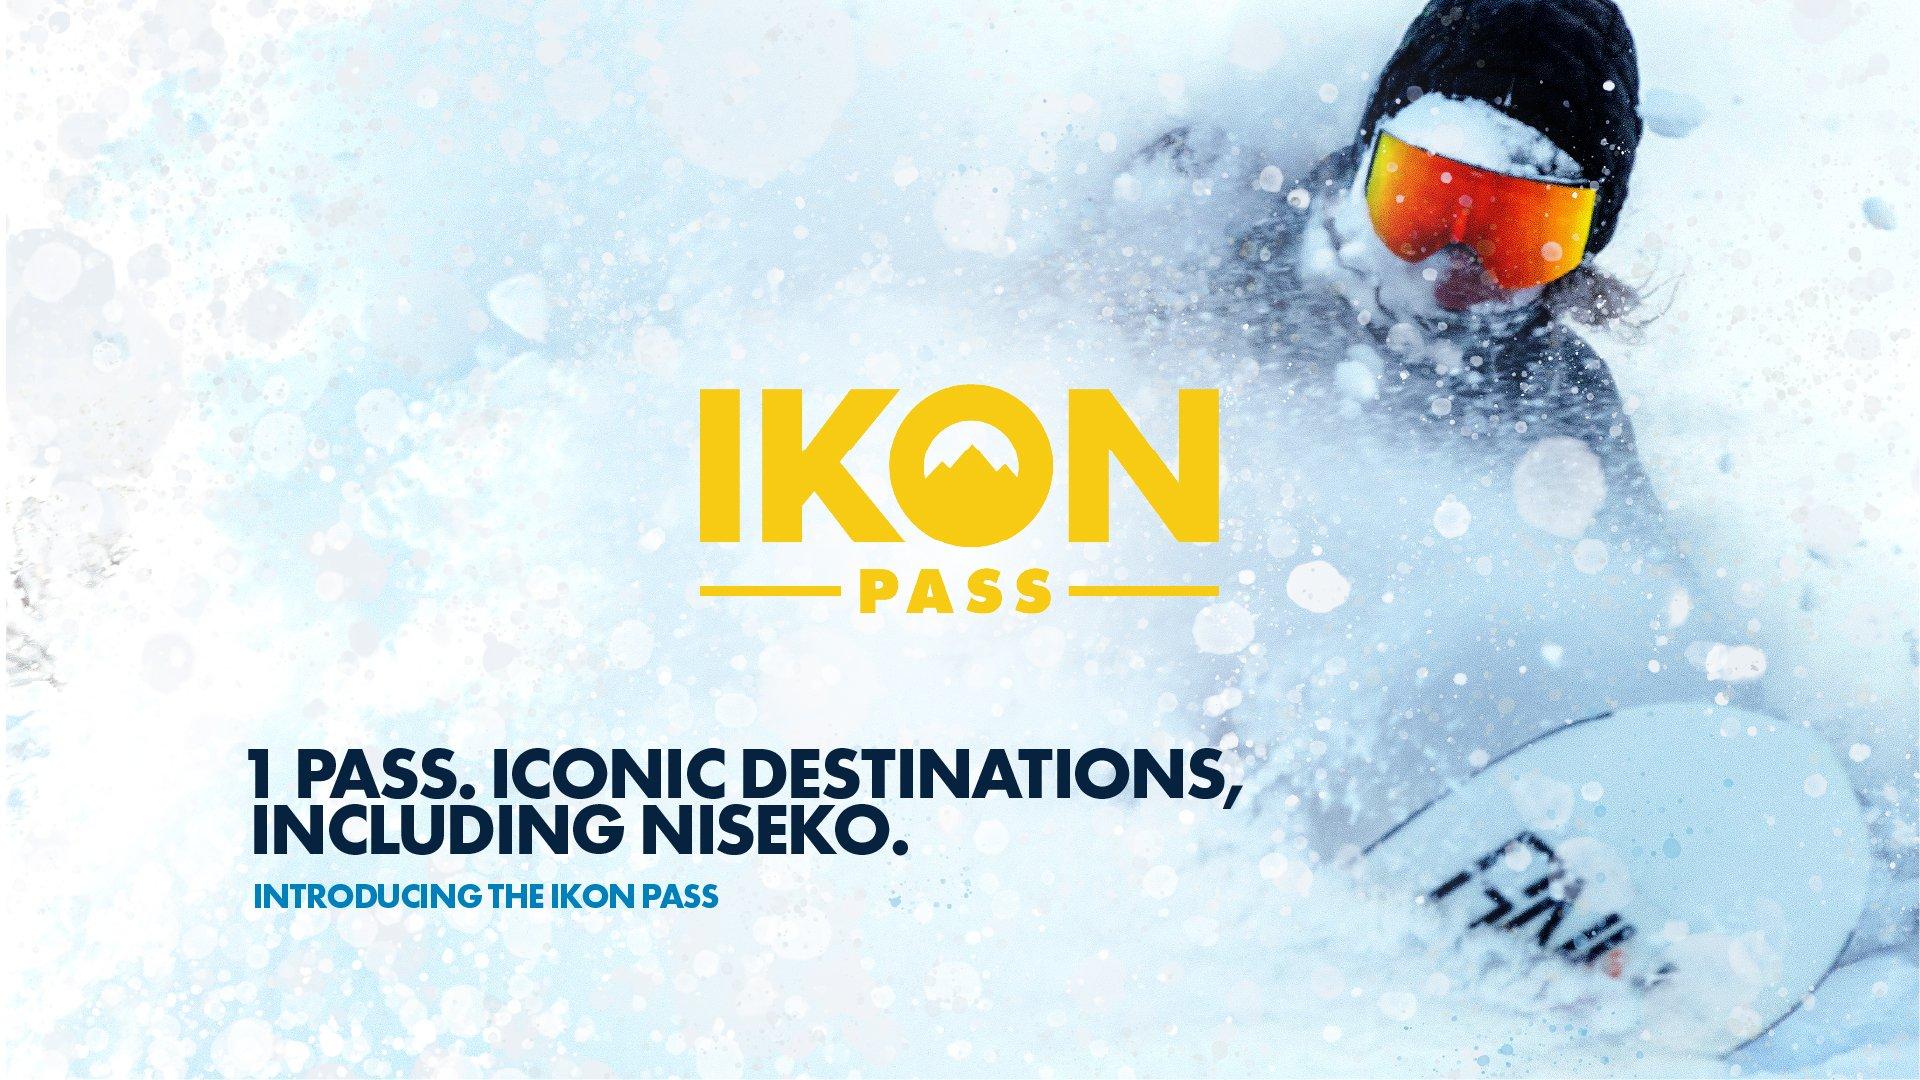 ニセコユナイテッドが Ikon Pass に加盟しましたの画像